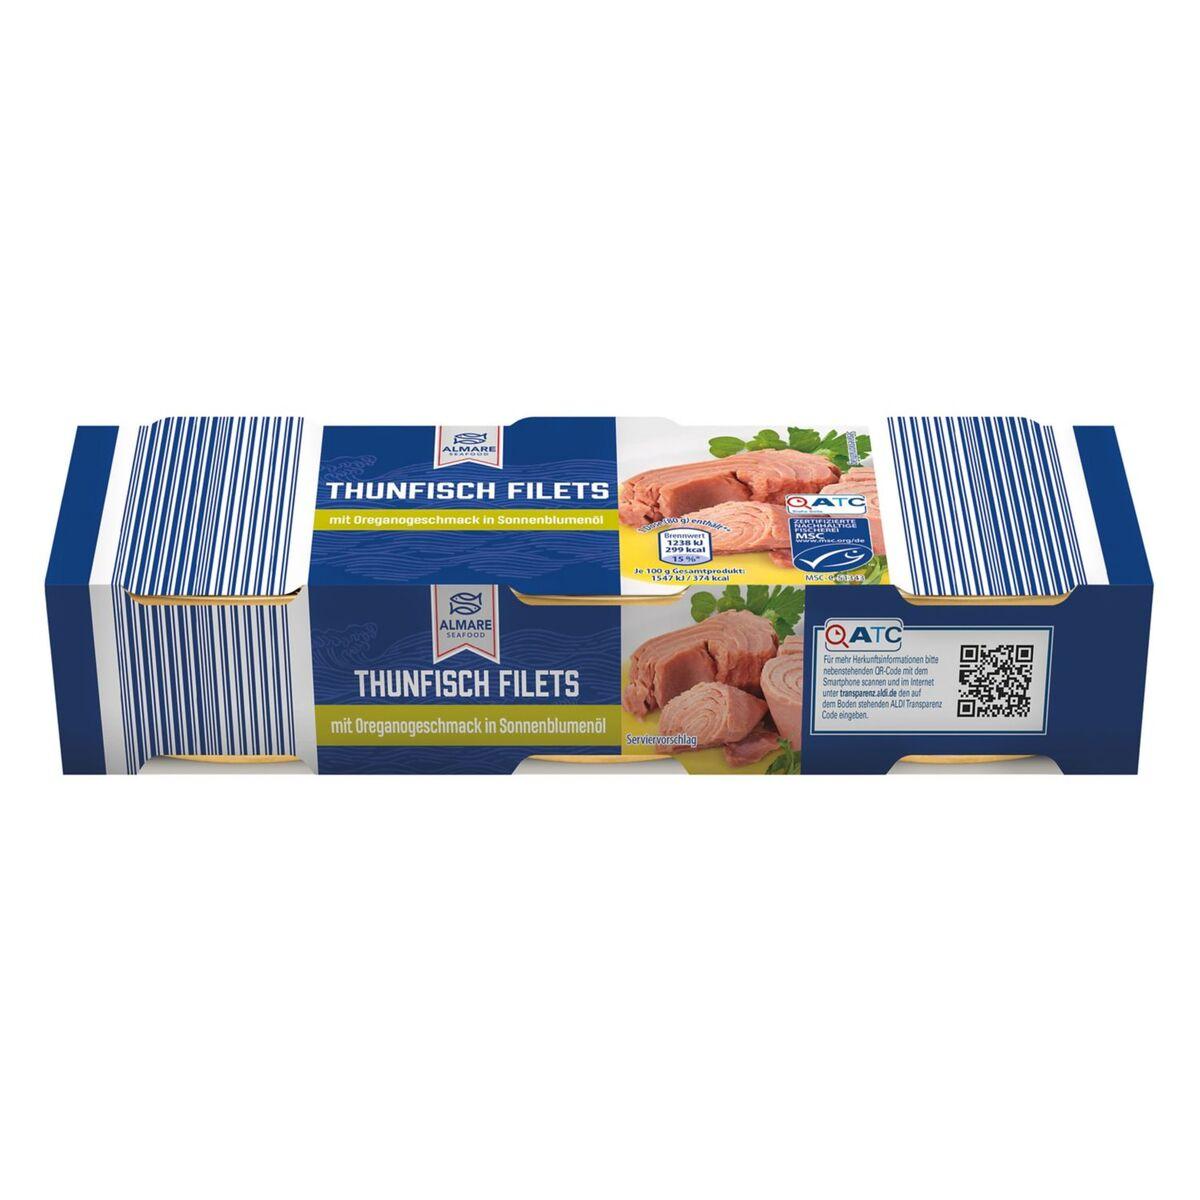 Bild 2 von ALMARE Mini-Pack Thunfisch 240 g